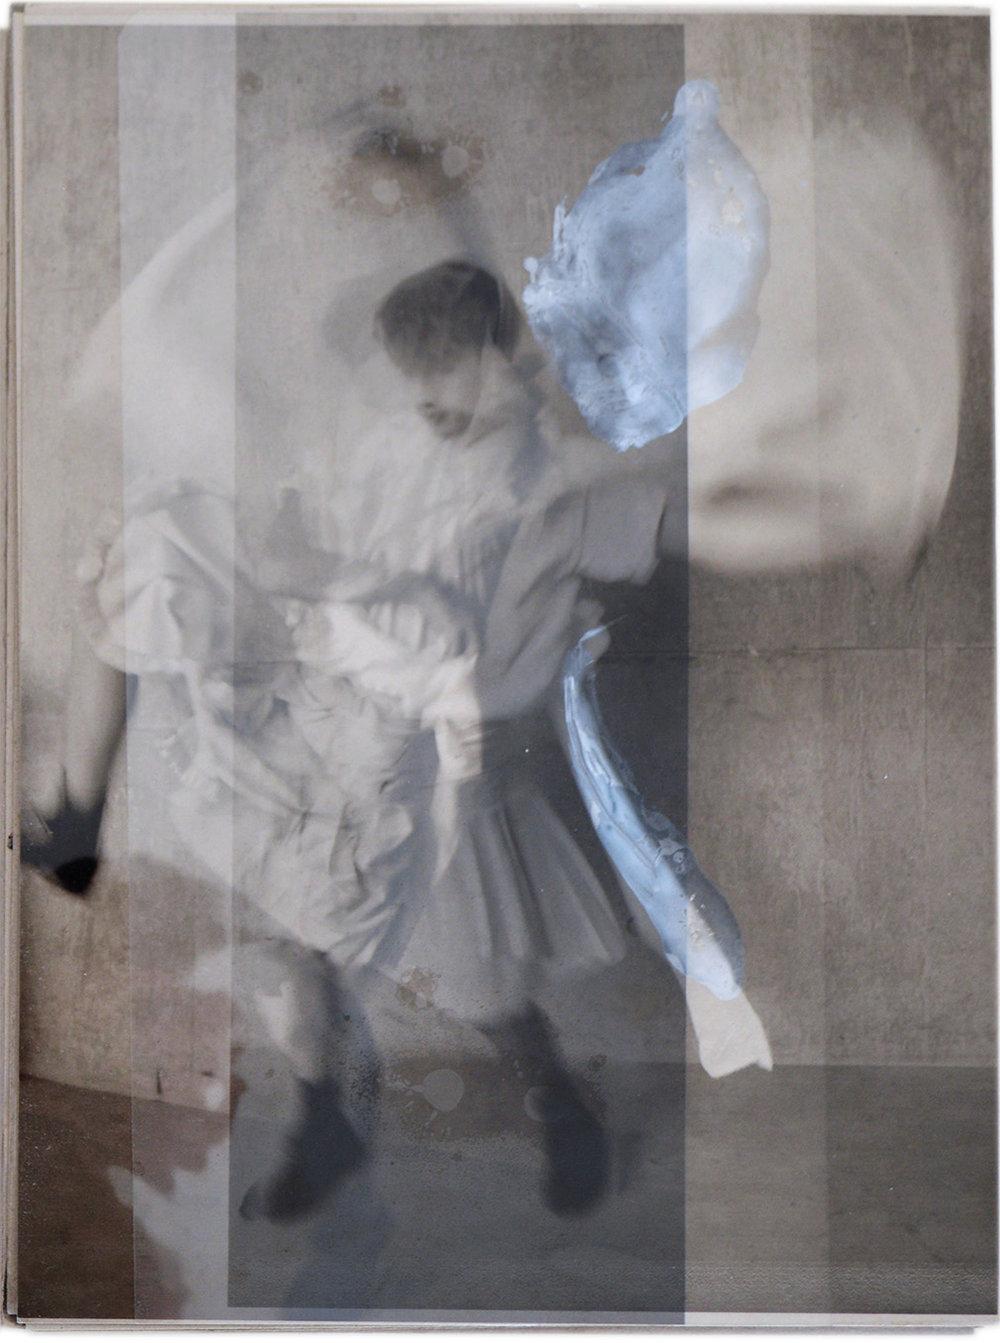 'Arturo becomes a fish' - McQueen project research - Graduate Diploma CSM Fashion '16